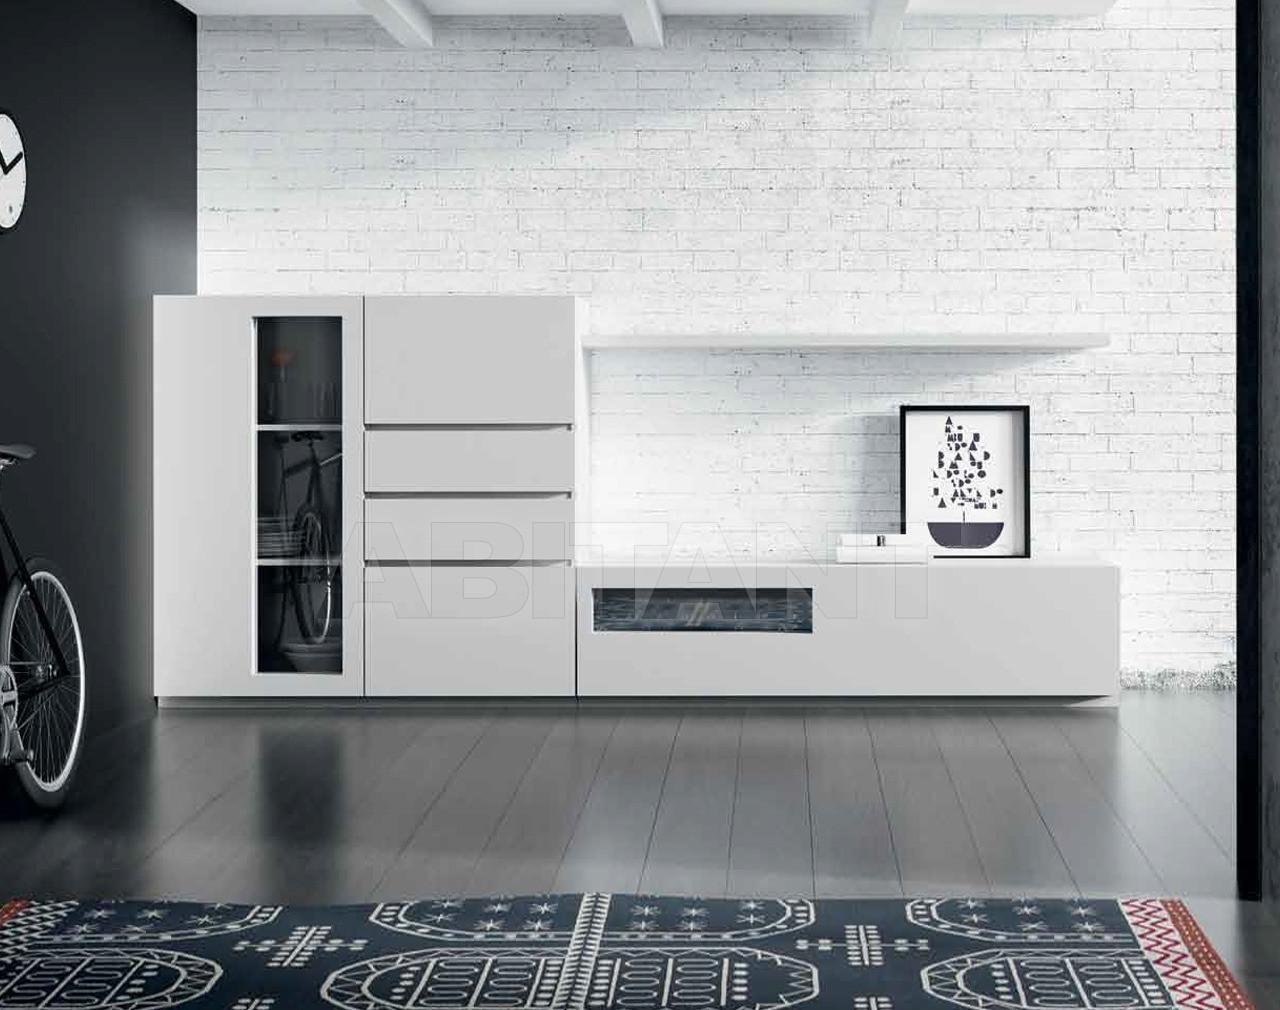 Купить Модульная система Arlex Design S.L. Delta COMPOSITION page 48-49